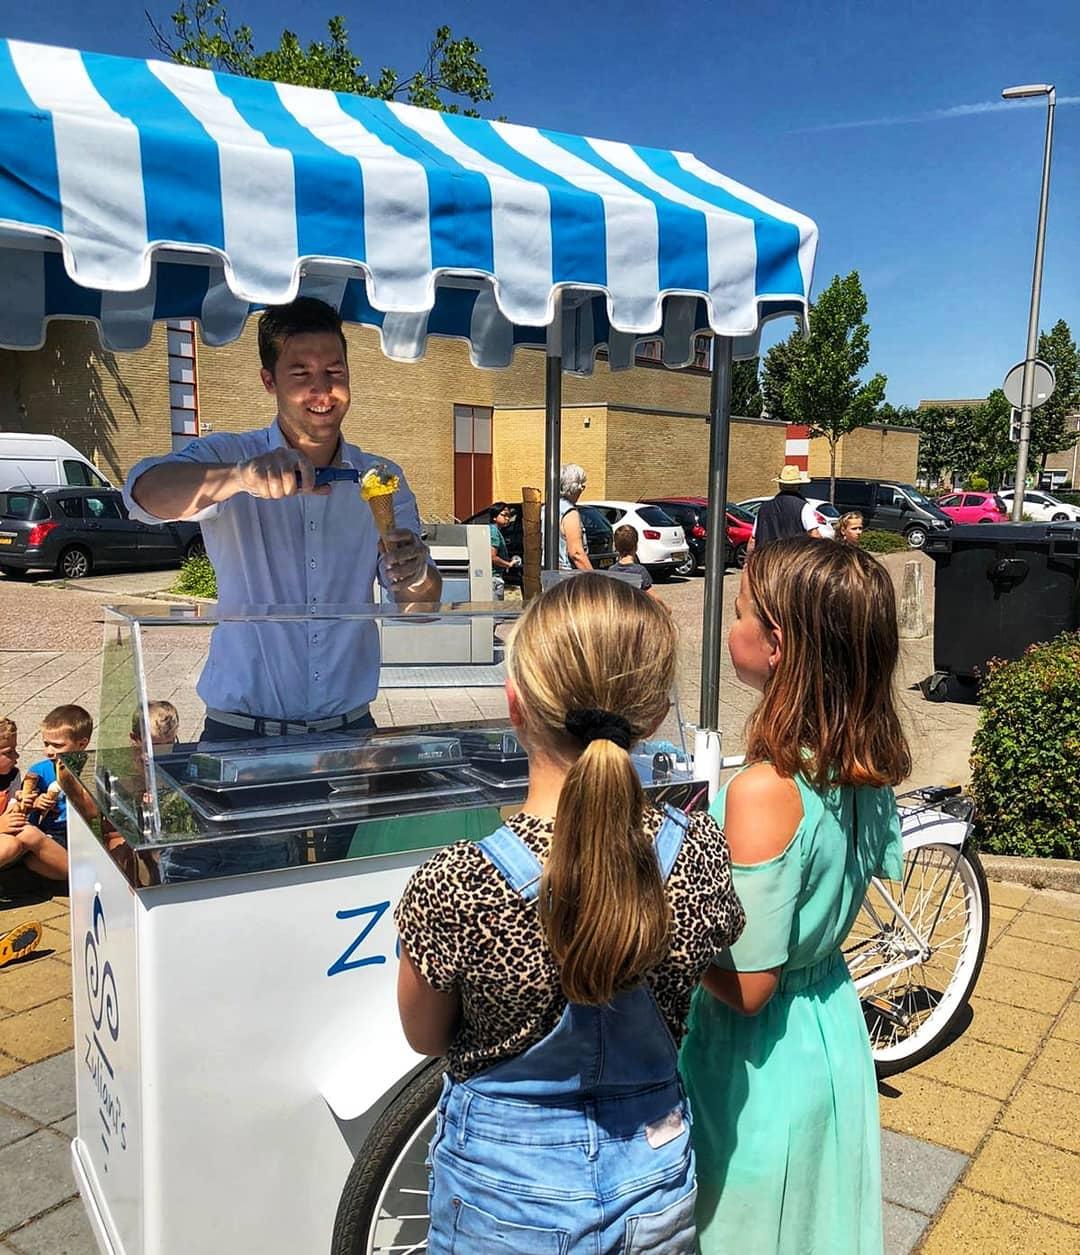 Wist je dat wij ook ijskarren verhuren voor jouw feestje? Deze karren zijn inclusief ijs van Zuliani's en een enthousiaste ijsschepper!We komen graag bij je langs vanaf een gezelschap van 60 personen. Bekijk hier onze ijskarren: www.zuliani-gelato.nl/ijskar-verhuur én bereken direct wat het kost.Voor basisscholen hebben wij een speciale deal! Stuur een mail info@zuliani-gelato.nl